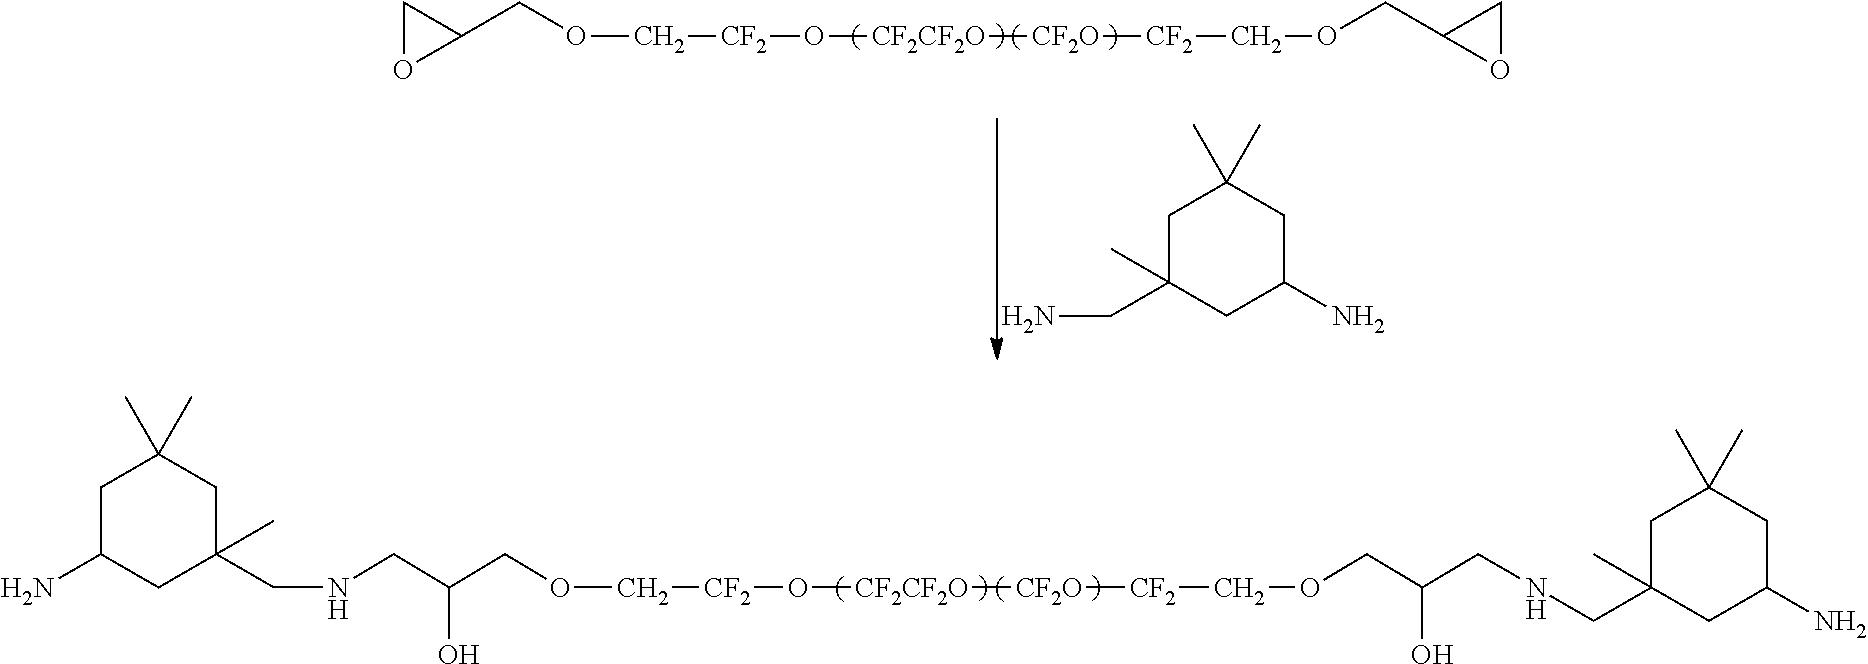 Figure US09314548-20160419-C00028